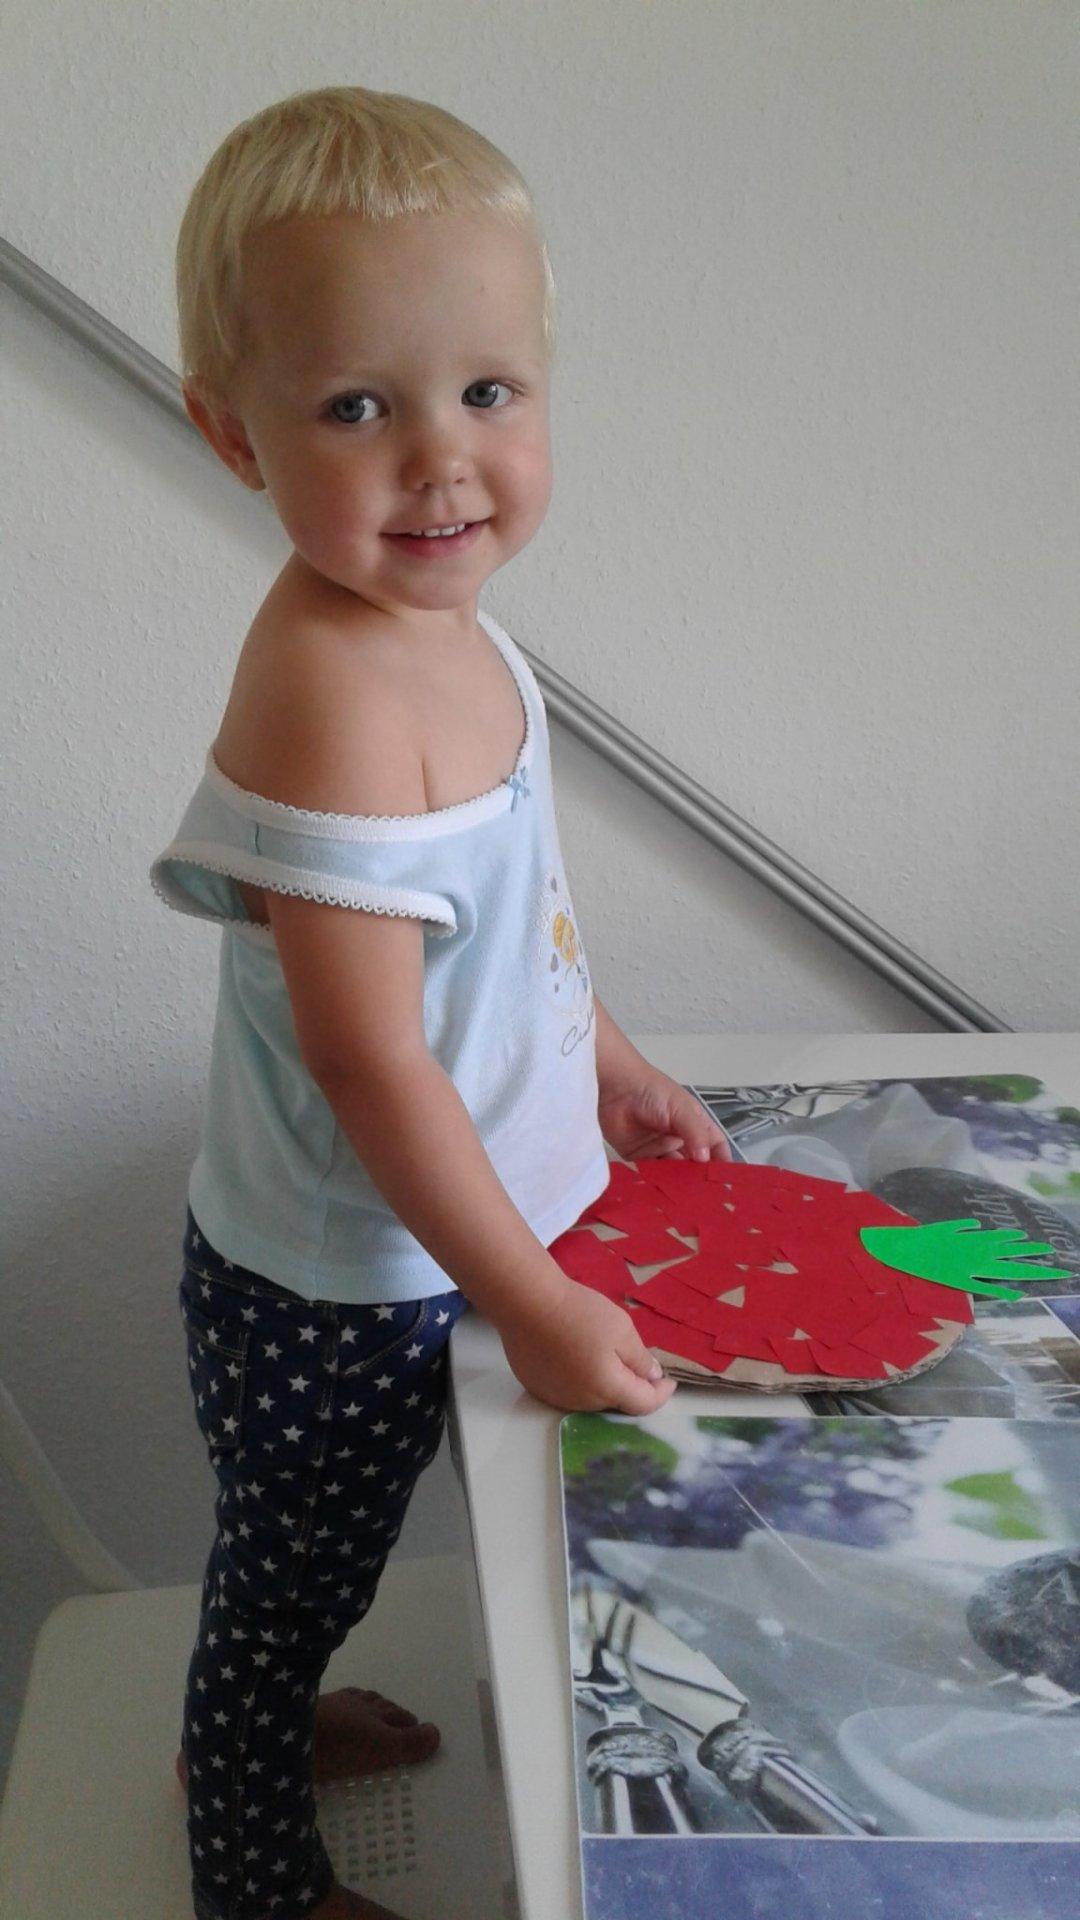 Отчёт по занятию Сделайте вместе с ребенком яблоко из одноразовой тарелки в Wachanga!